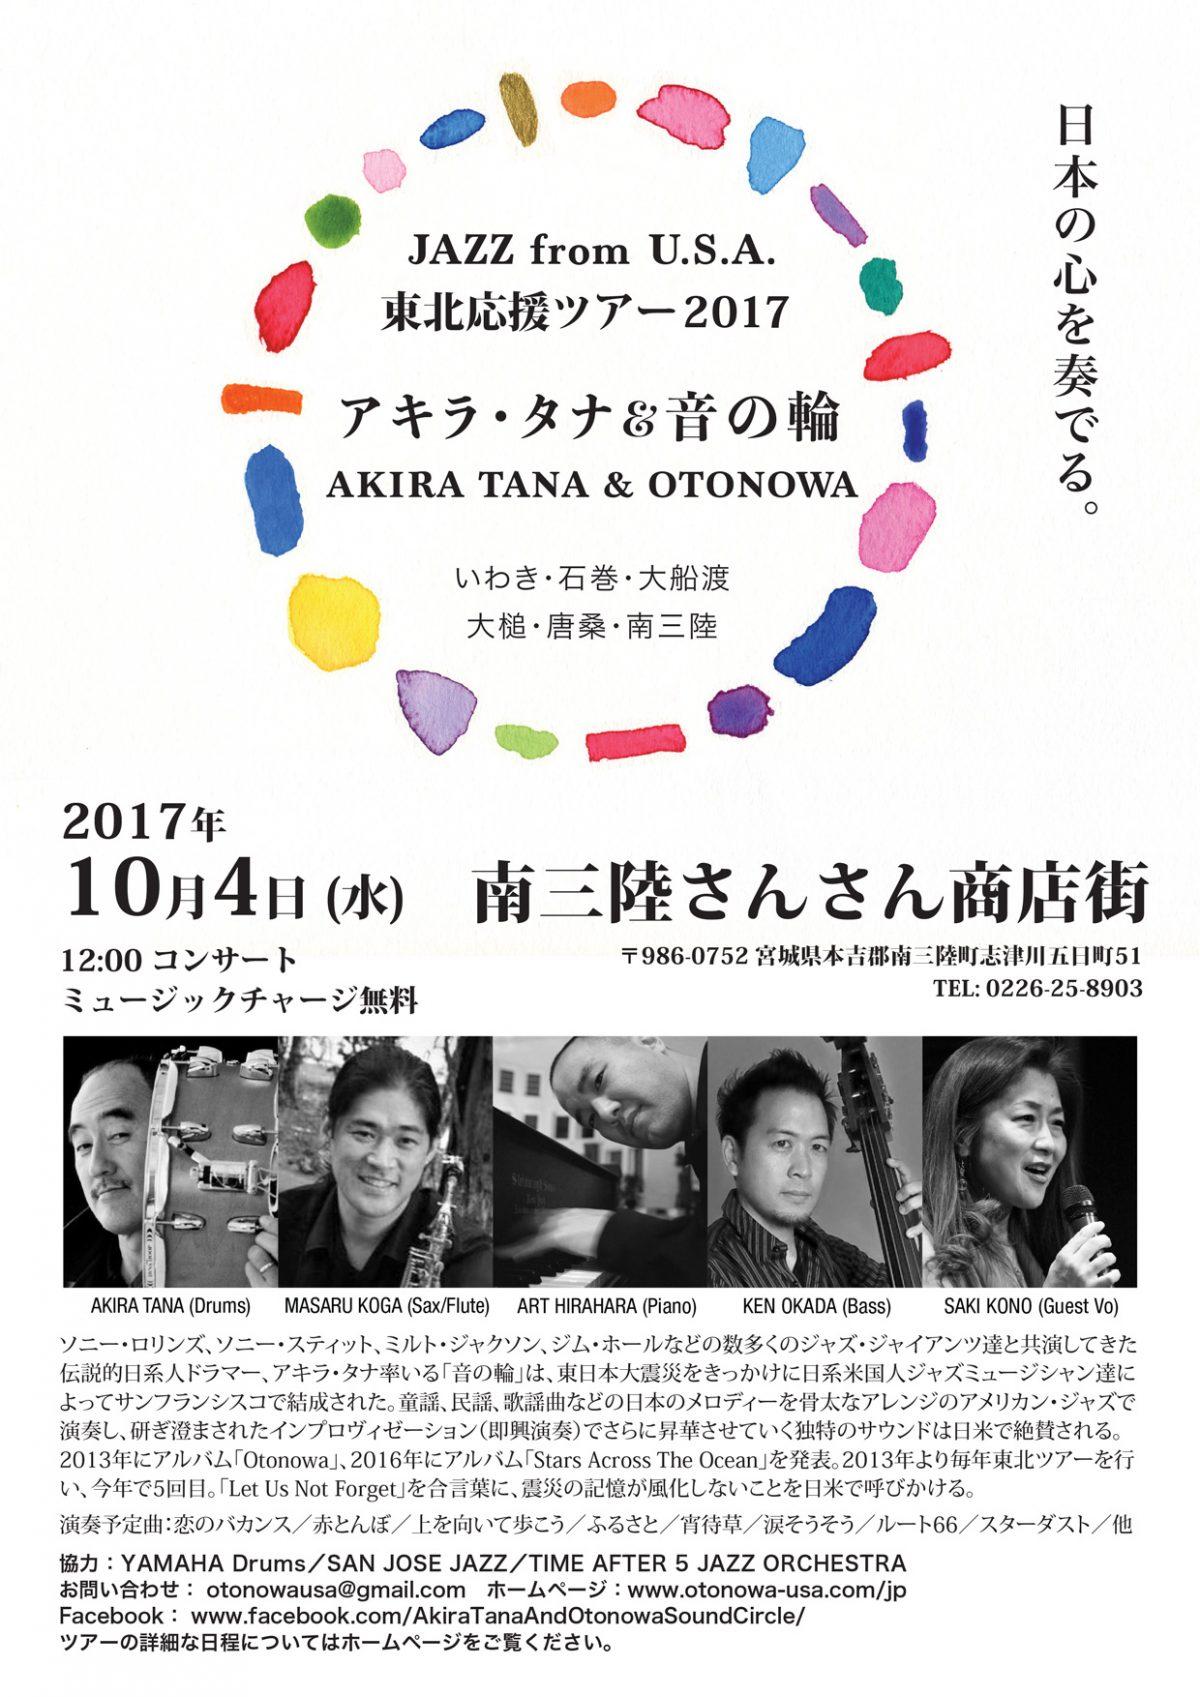 明日10月4日(水)の音楽イベントについて!